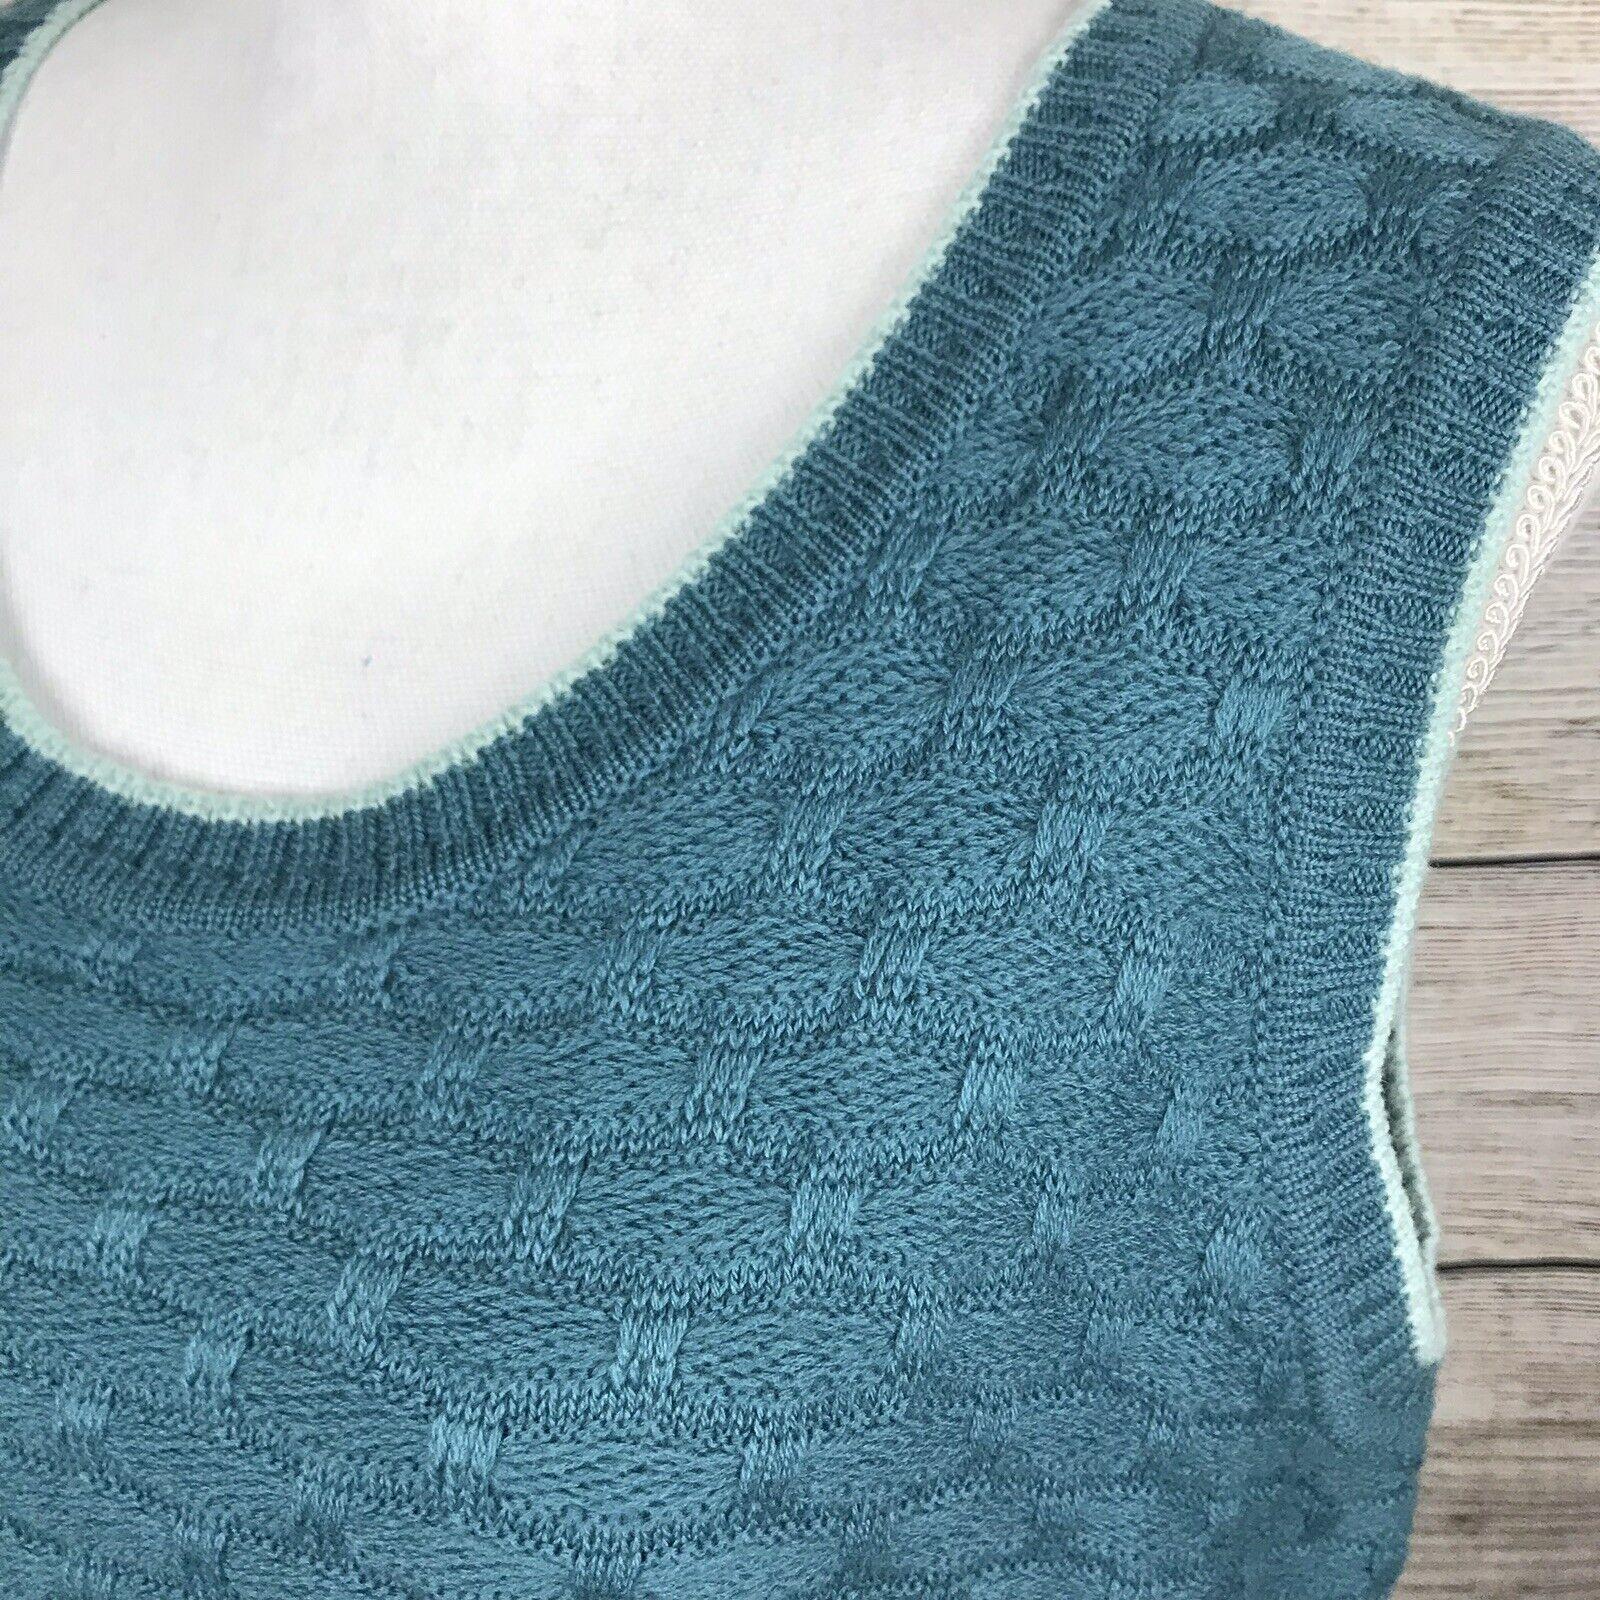 St. St. St. John Size Large Wool Sleeveless Knit Sweater 8a87f0